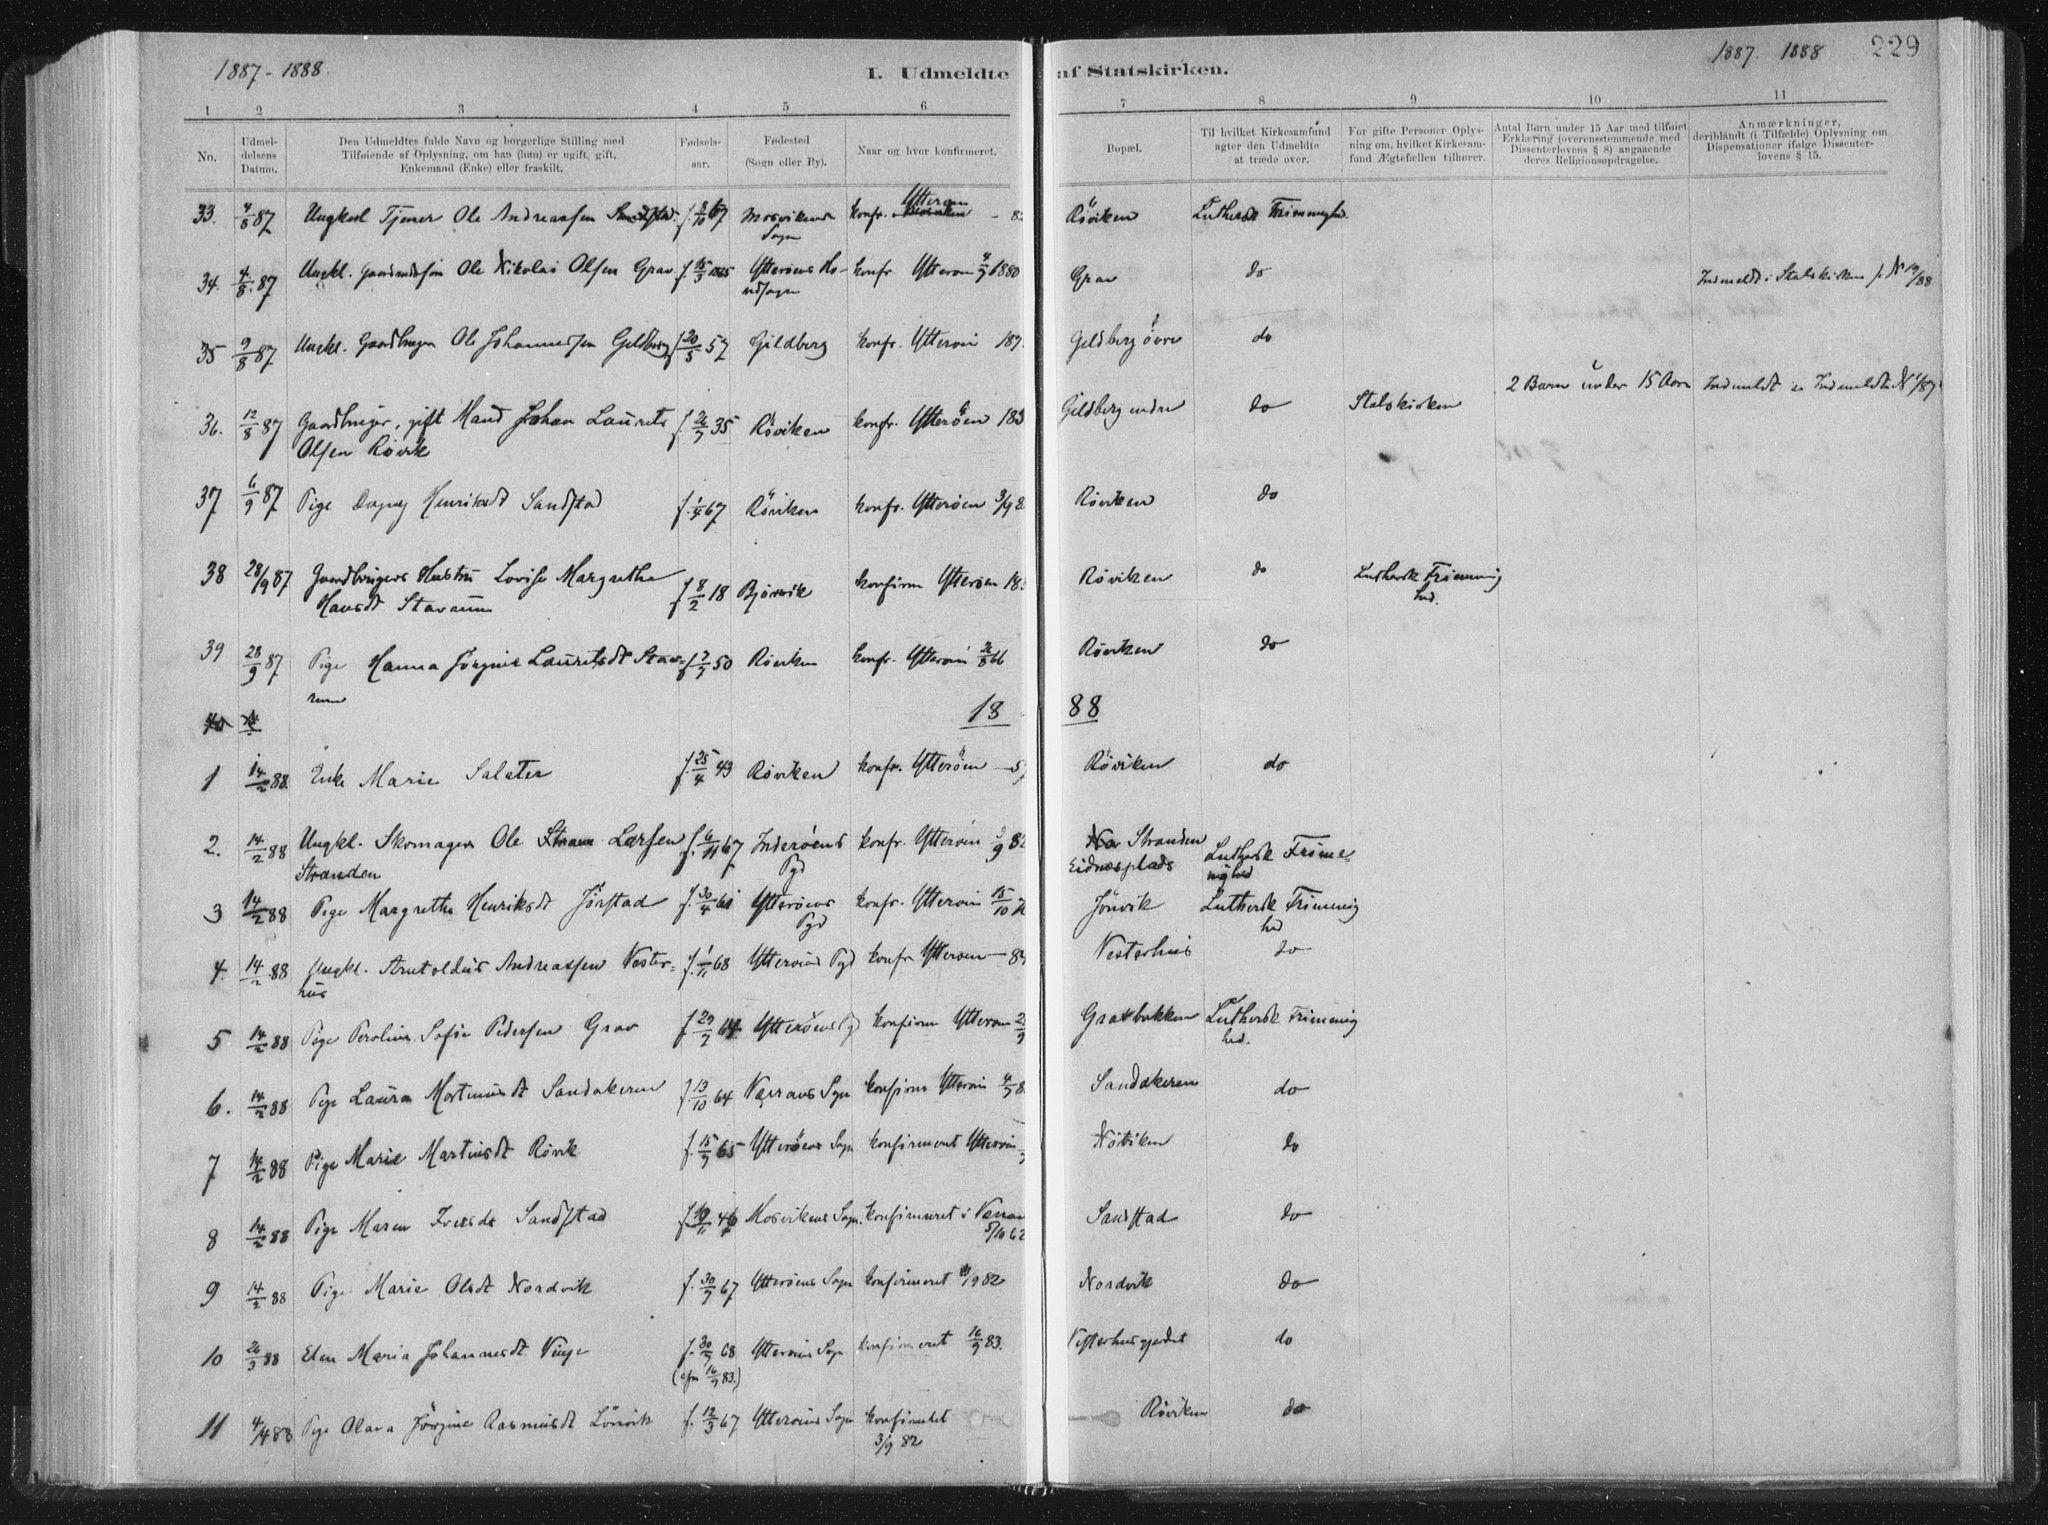 SAT, Ministerialprotokoller, klokkerbøker og fødselsregistre - Nord-Trøndelag, 722/L0220: Ministerialbok nr. 722A07, 1881-1908, s. 229